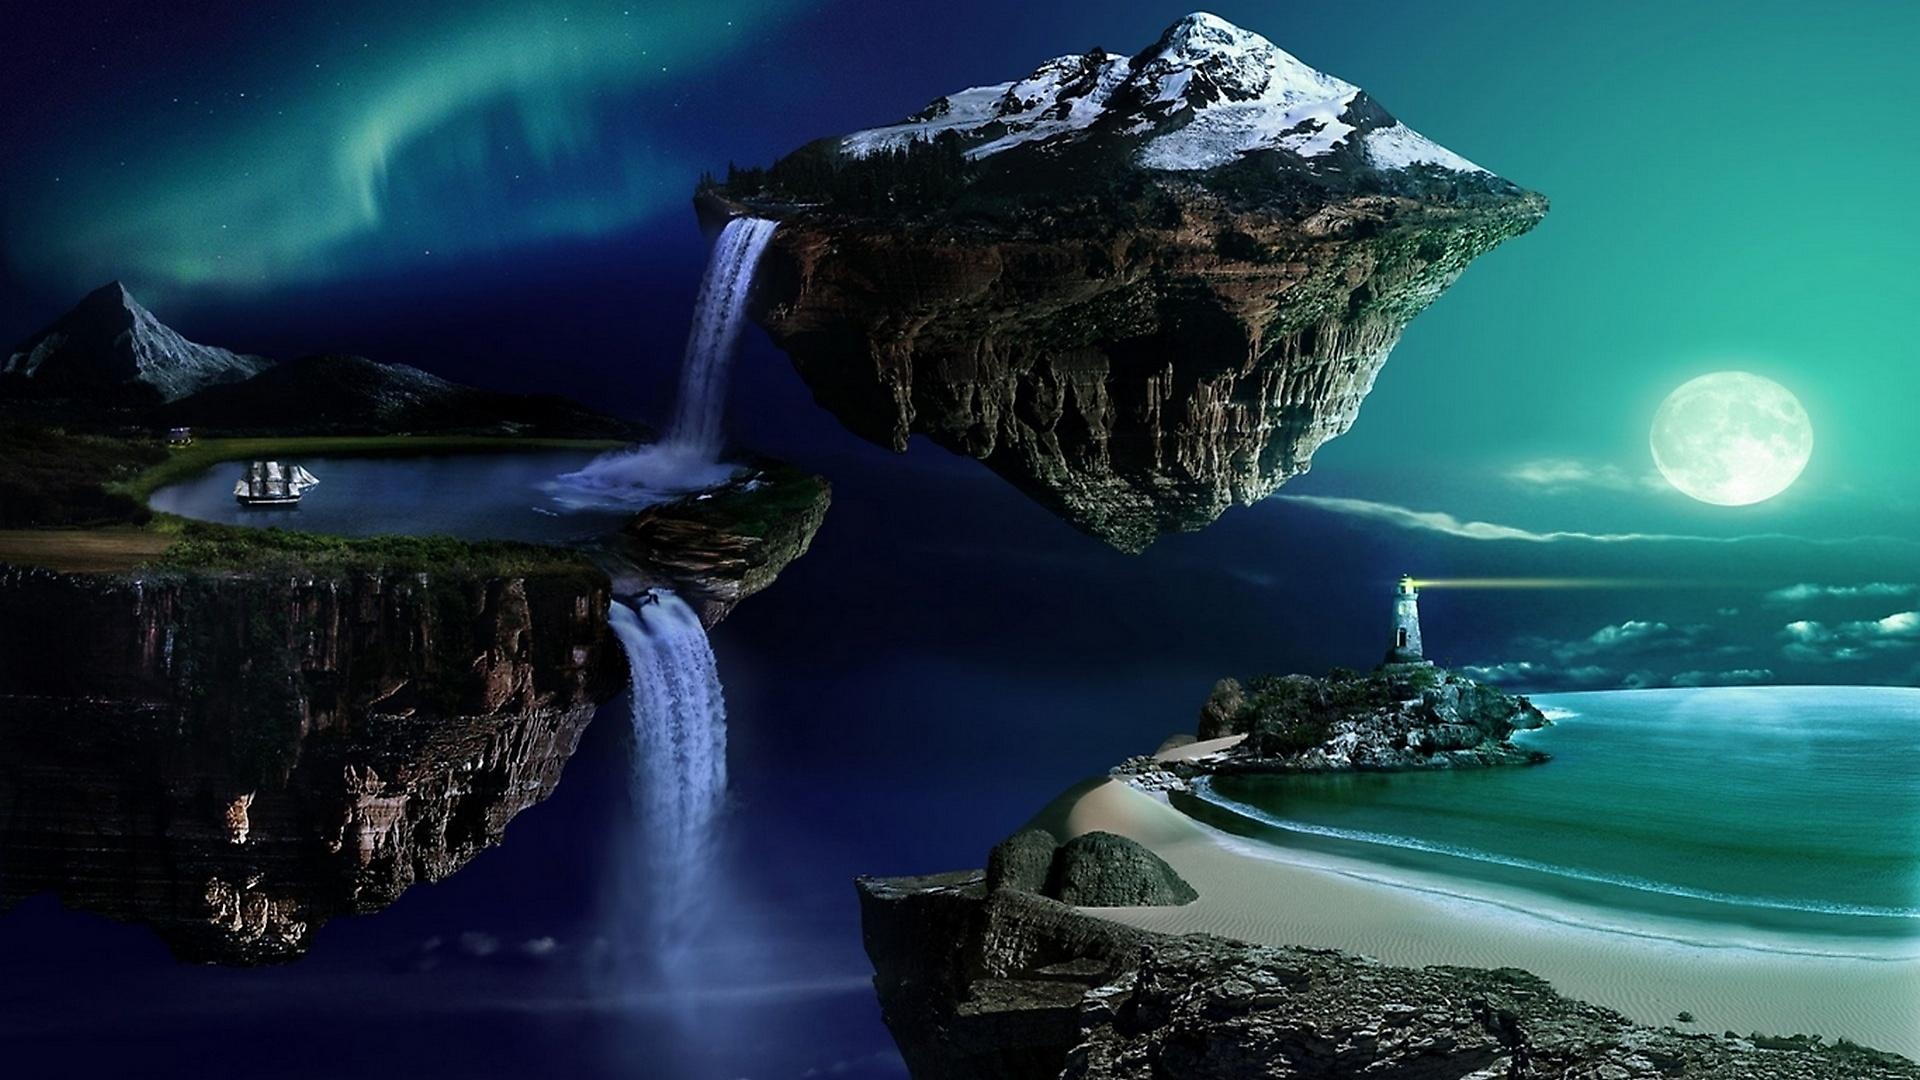 положить лавровый красивые фотки фантастика программа цель